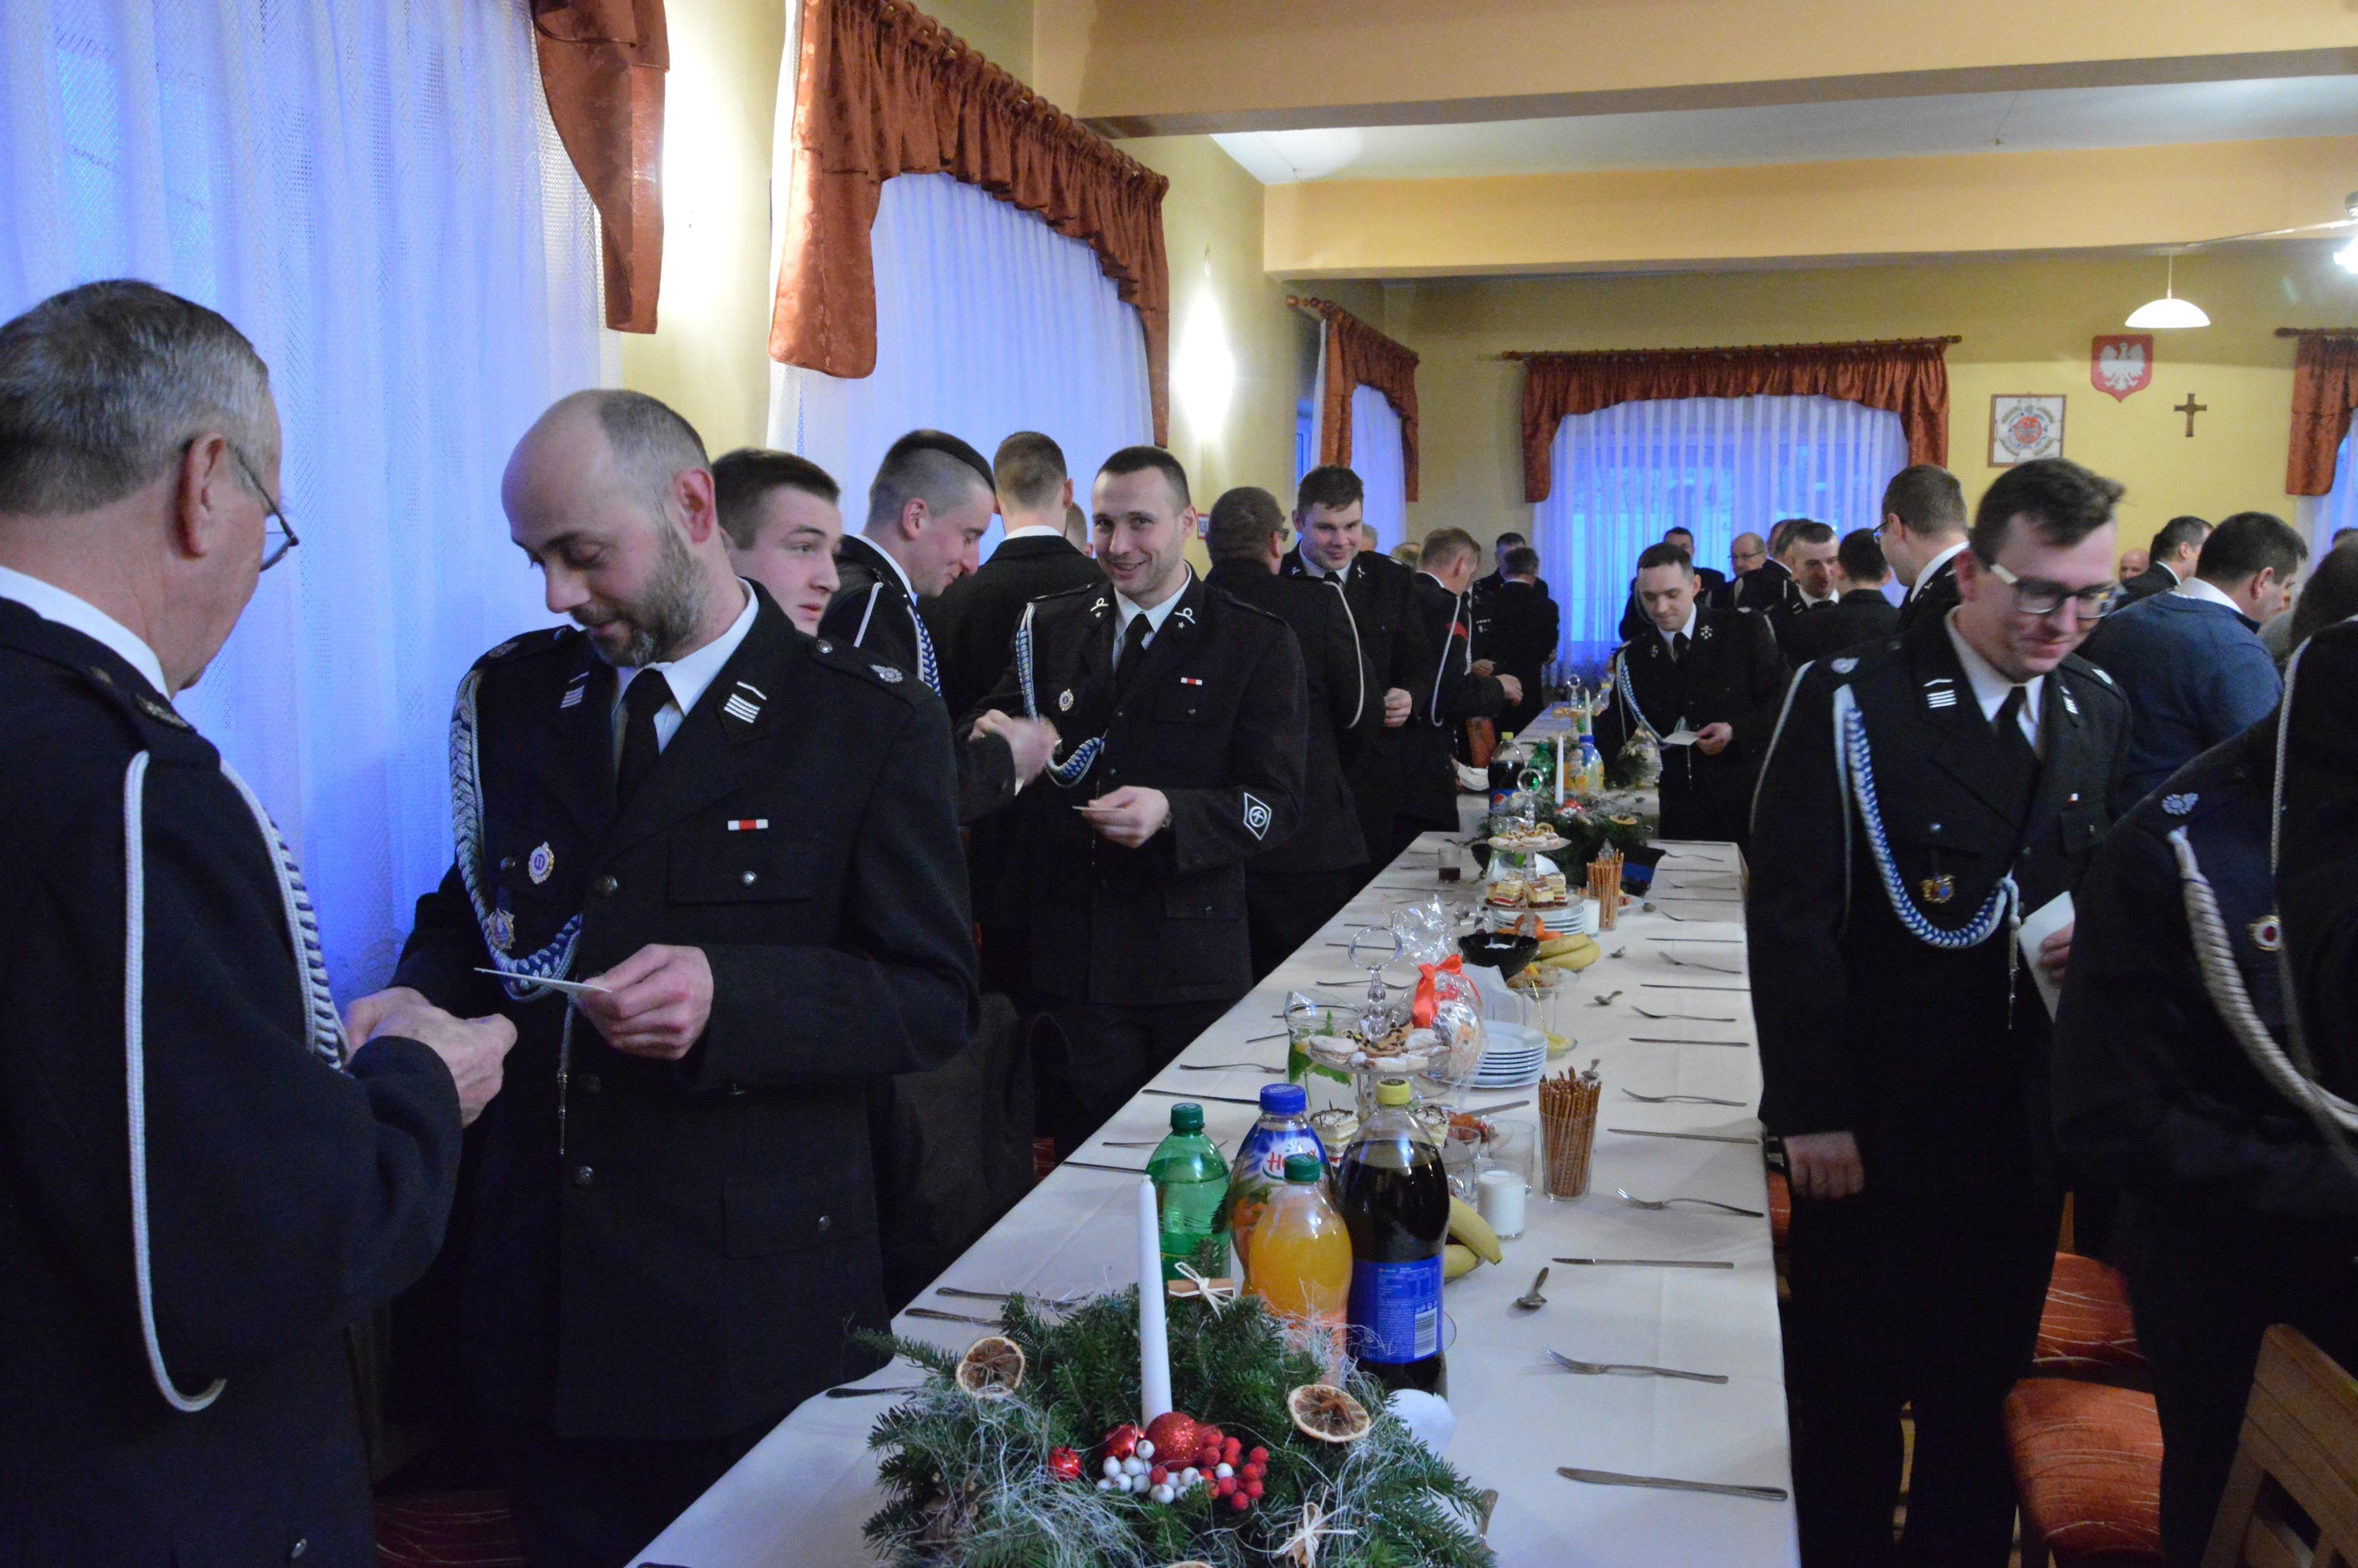 Spotkanie opłatkowe strażaków z gminy Andrychów [FOTO]